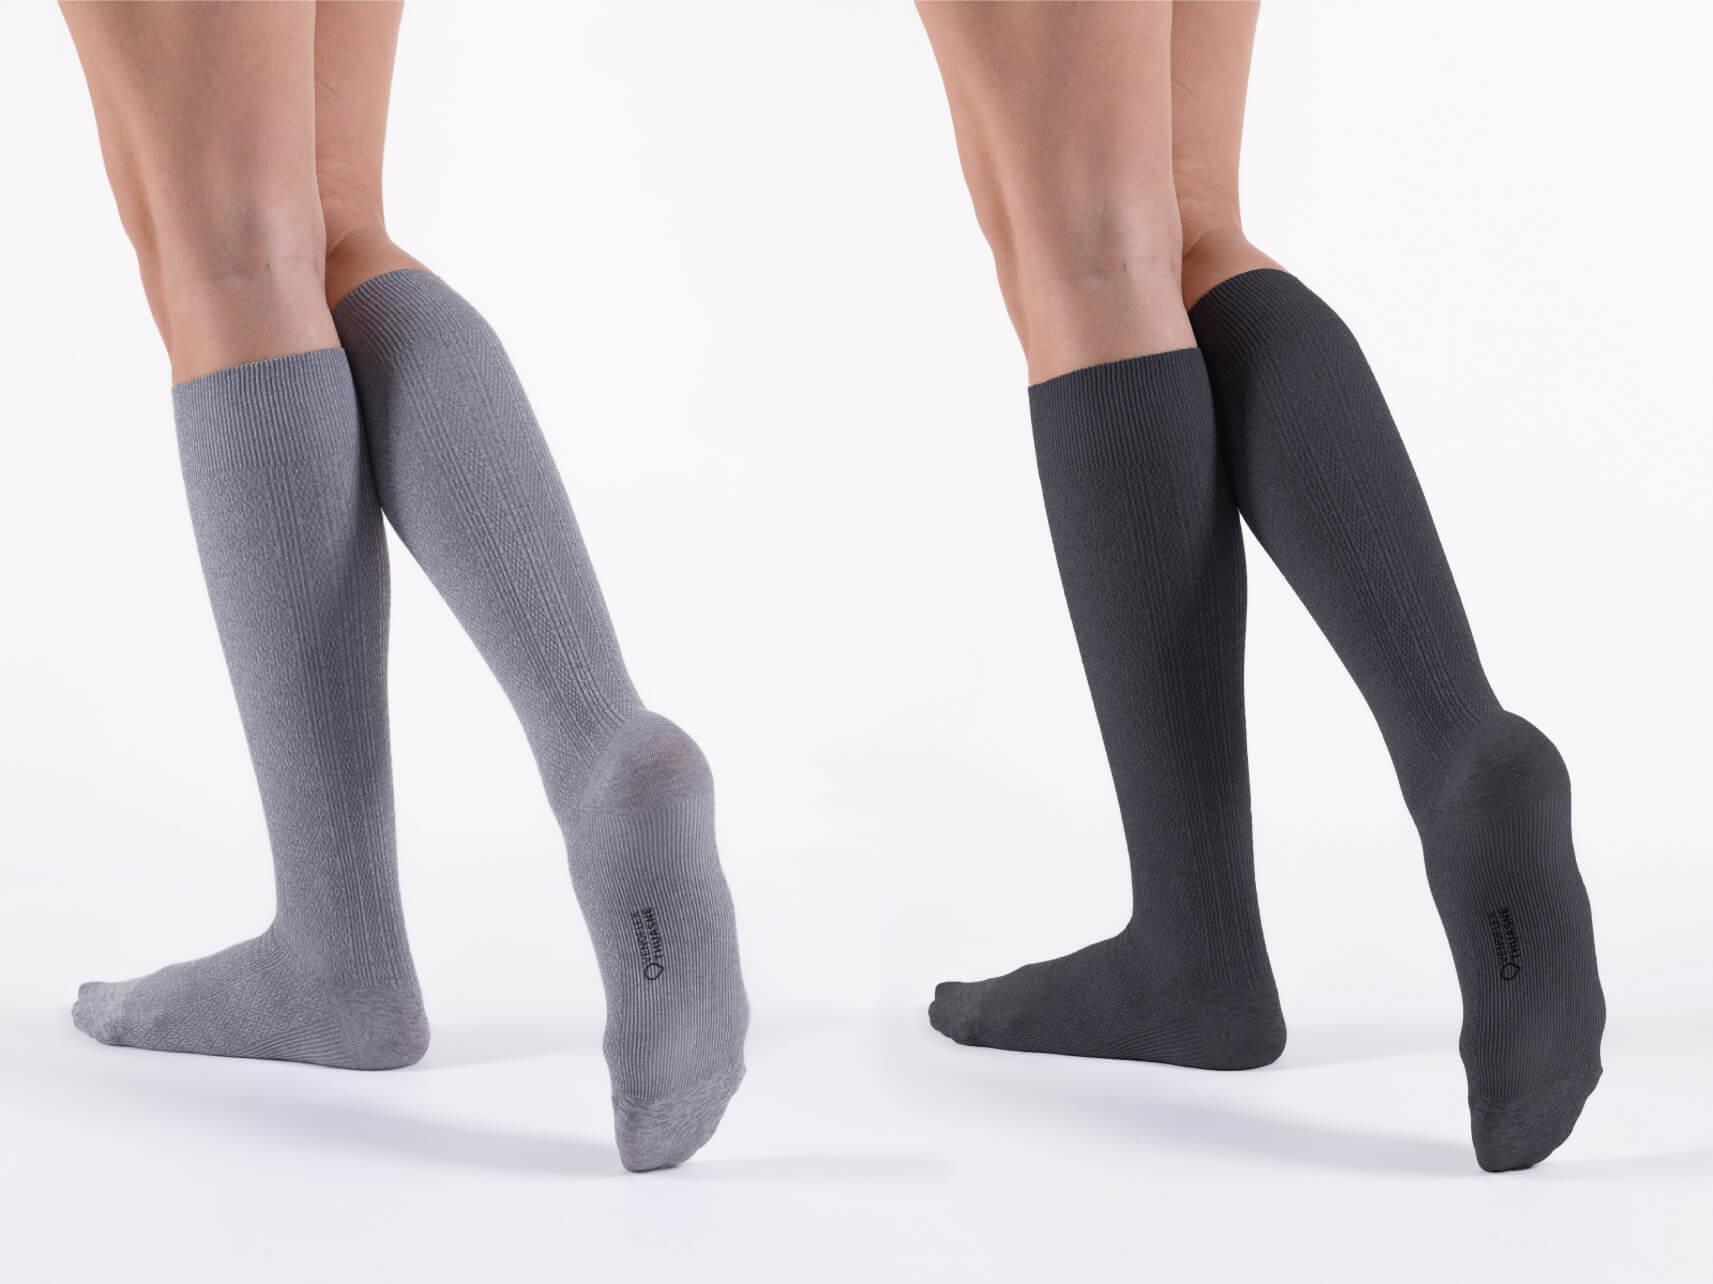 kompressziós térd zokni visszér férfiak számára